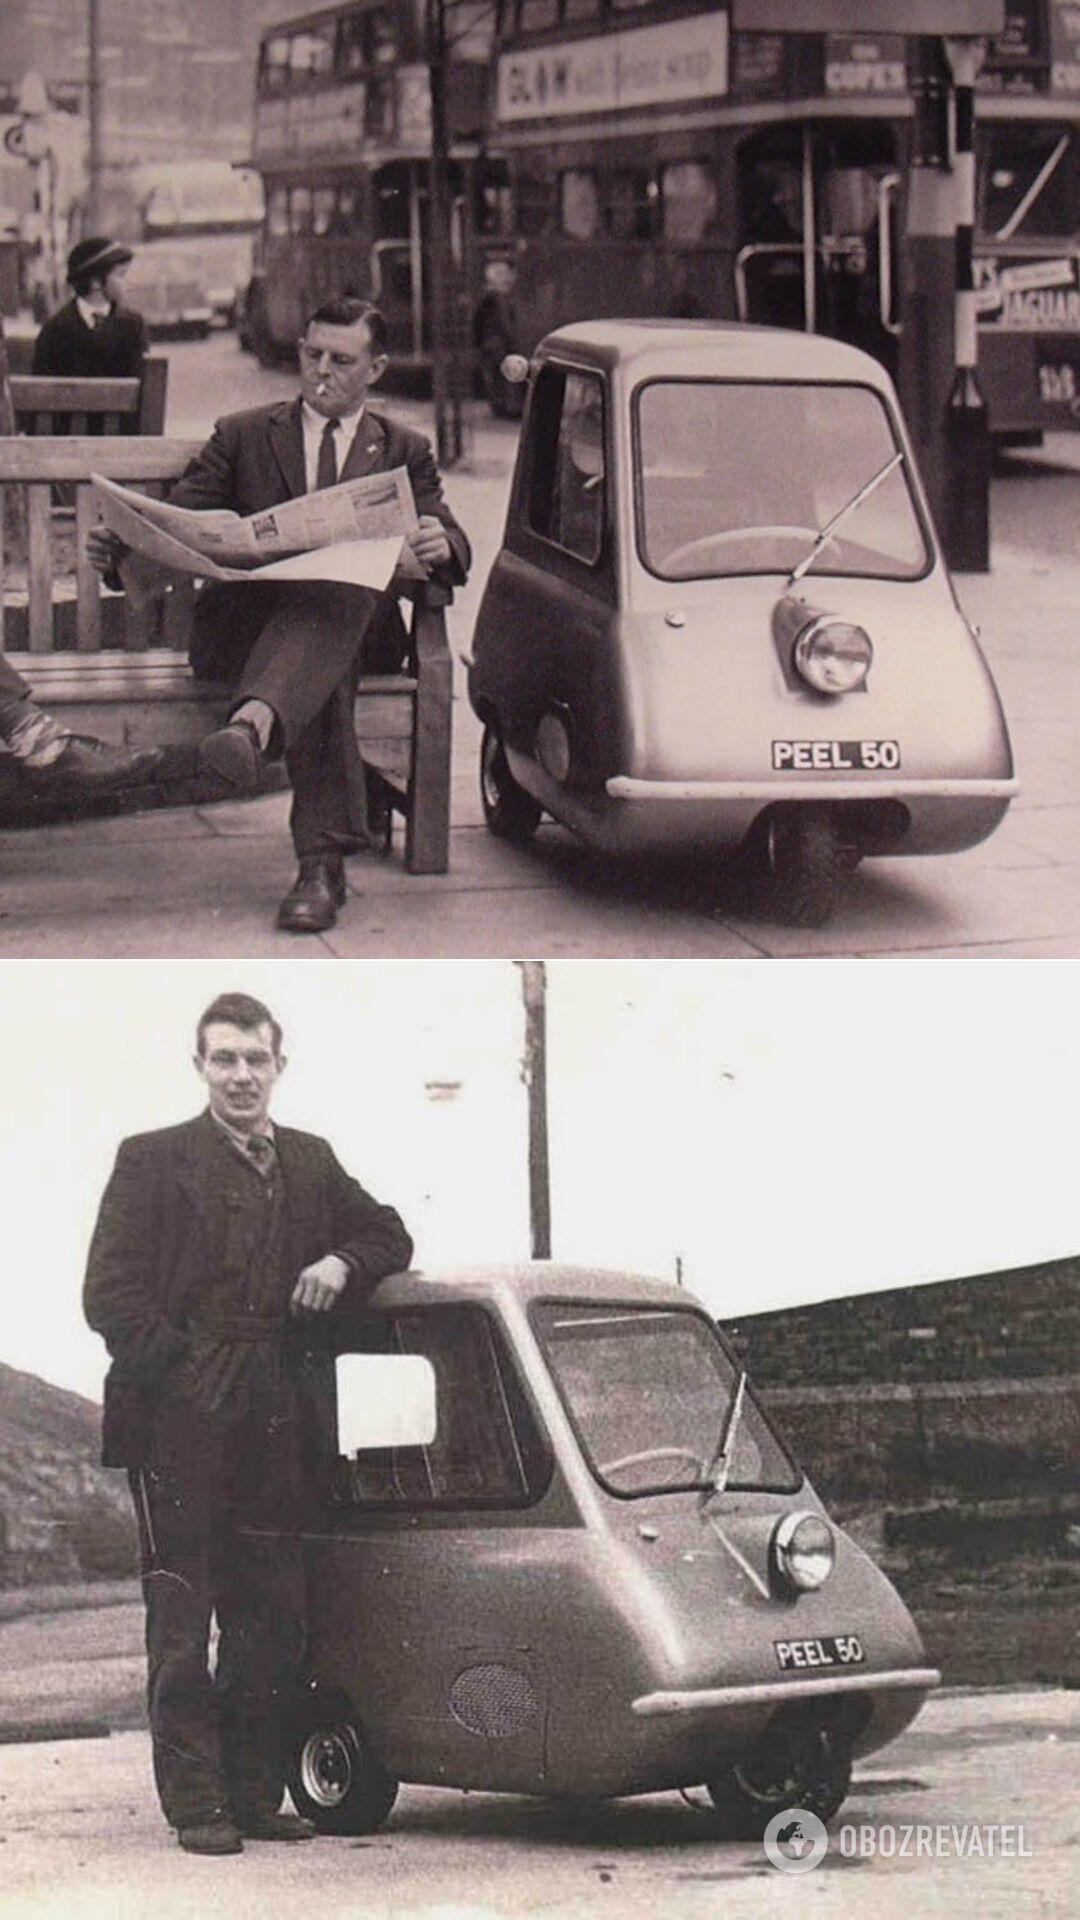 Peel P50 занесен в книгу рекордов Гиннеса, как самое маленькое серийное авто